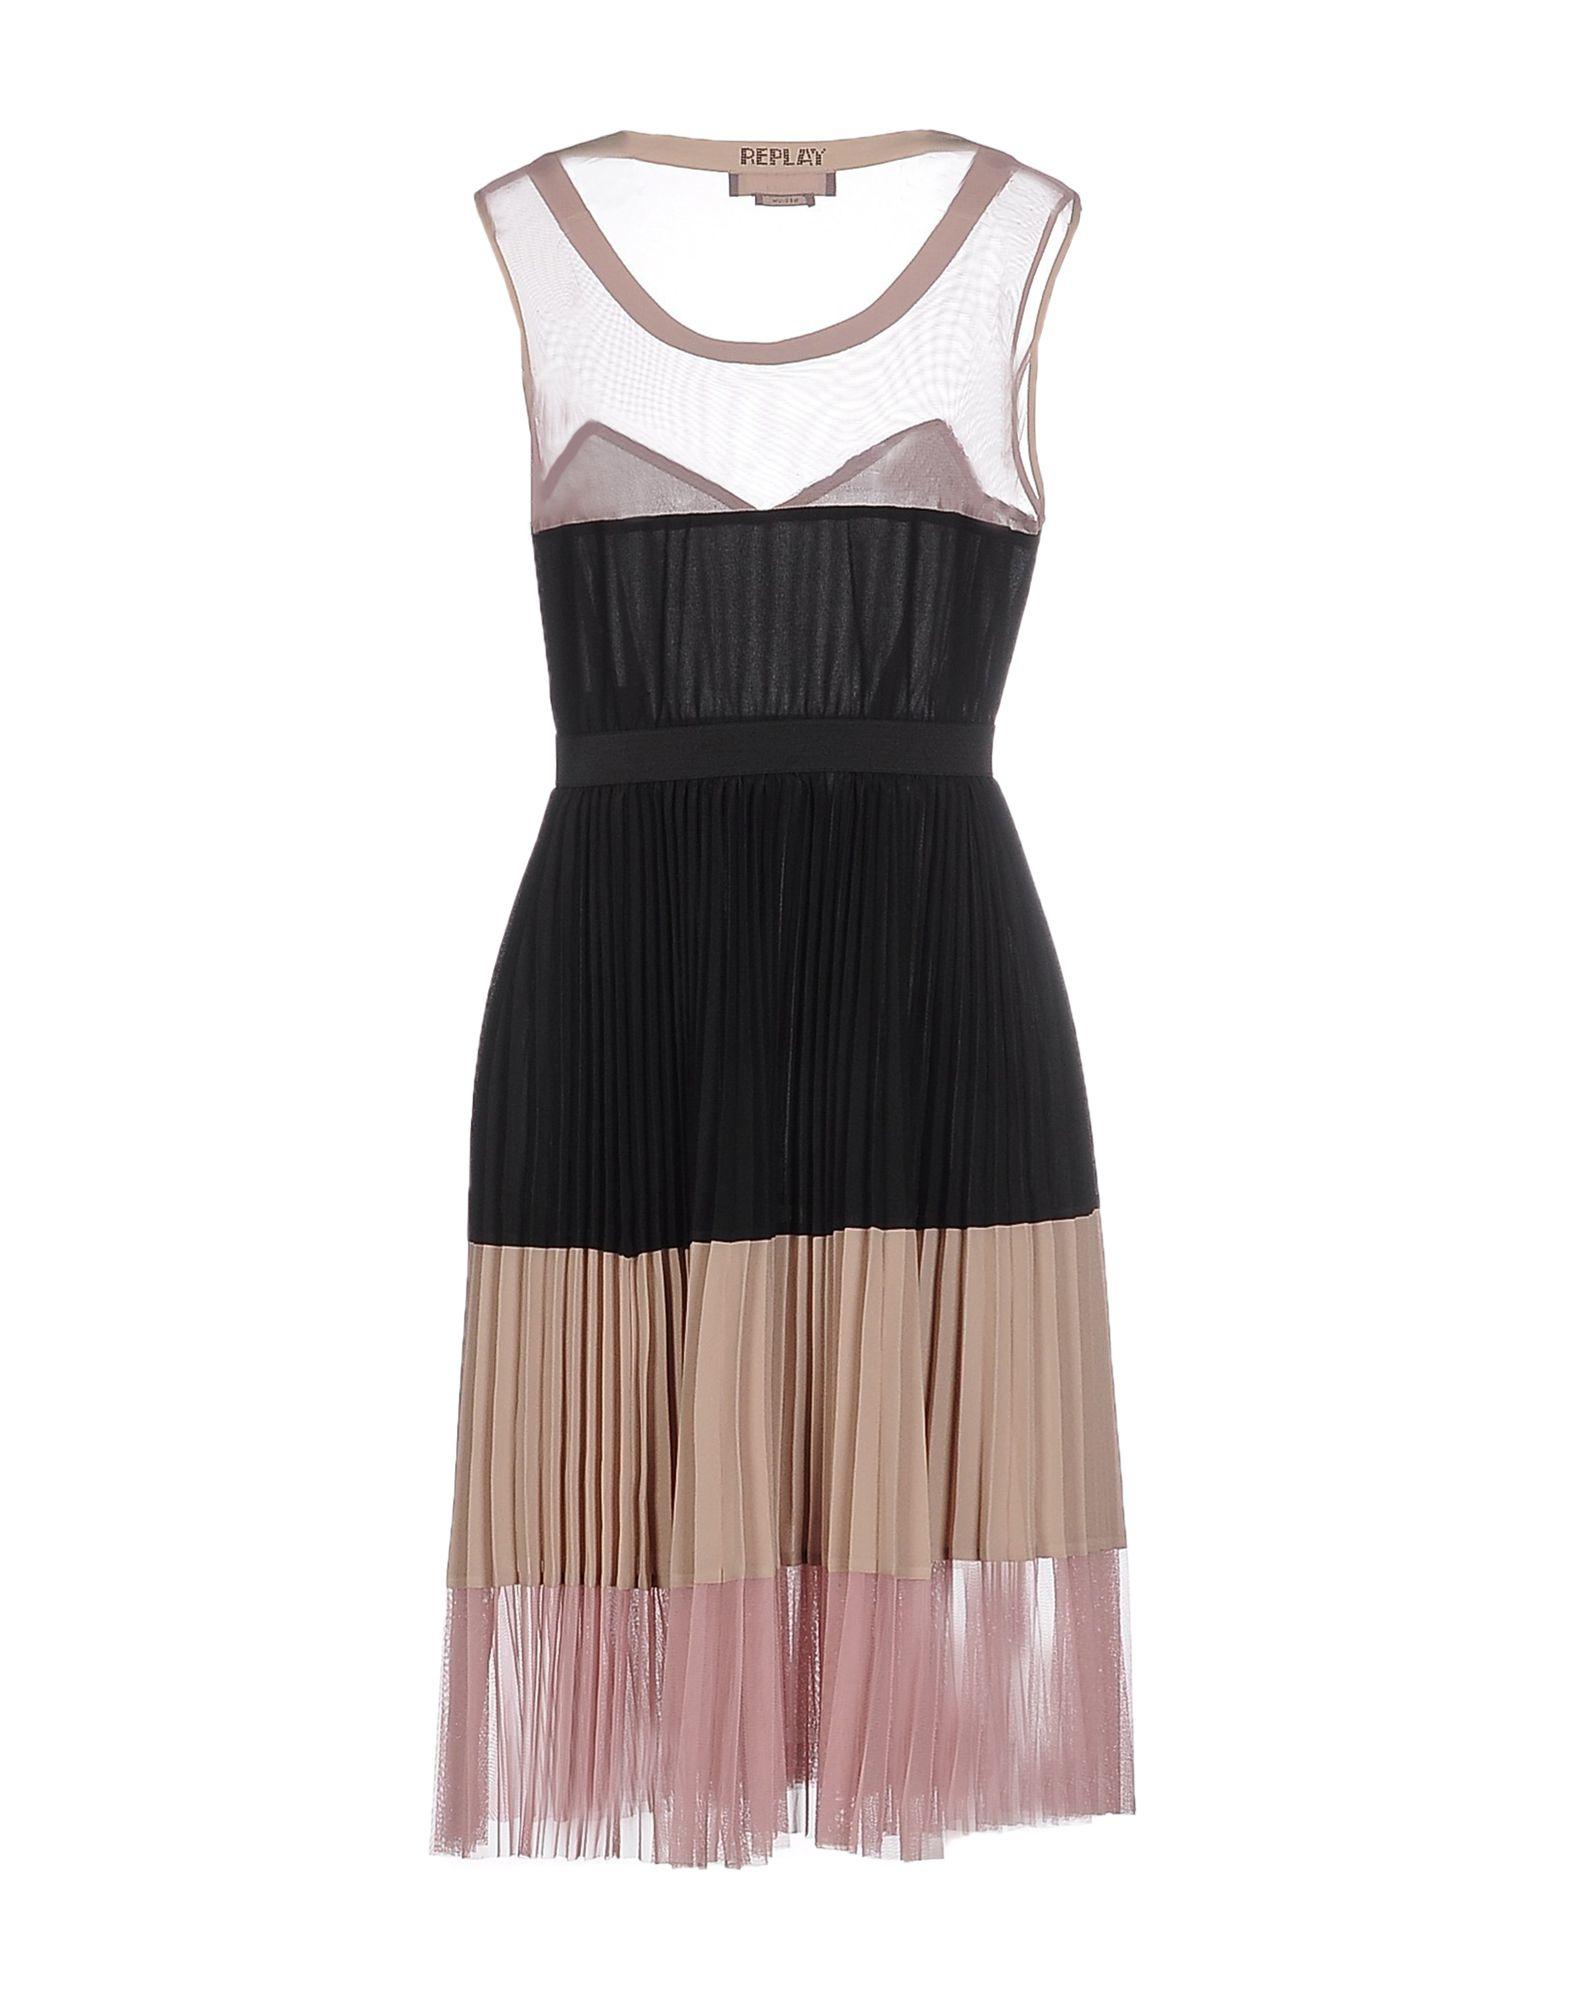 DRESSES - Knee-length dresses Replay Dj76Zm